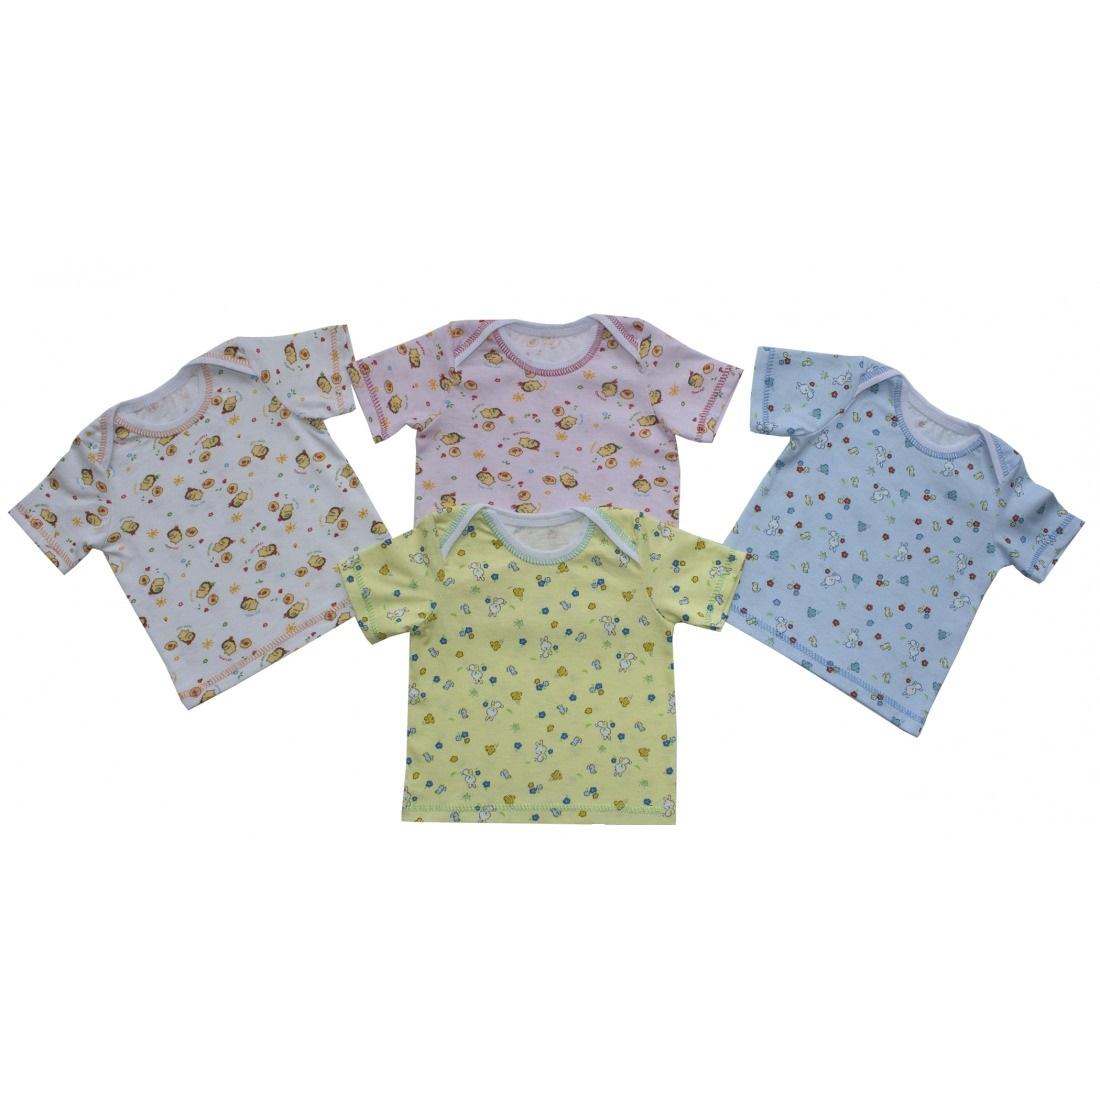 Фуфайка (футболка) детская ТоптыжкаМайки и футболки<br><br><br>Размер: Бежевый